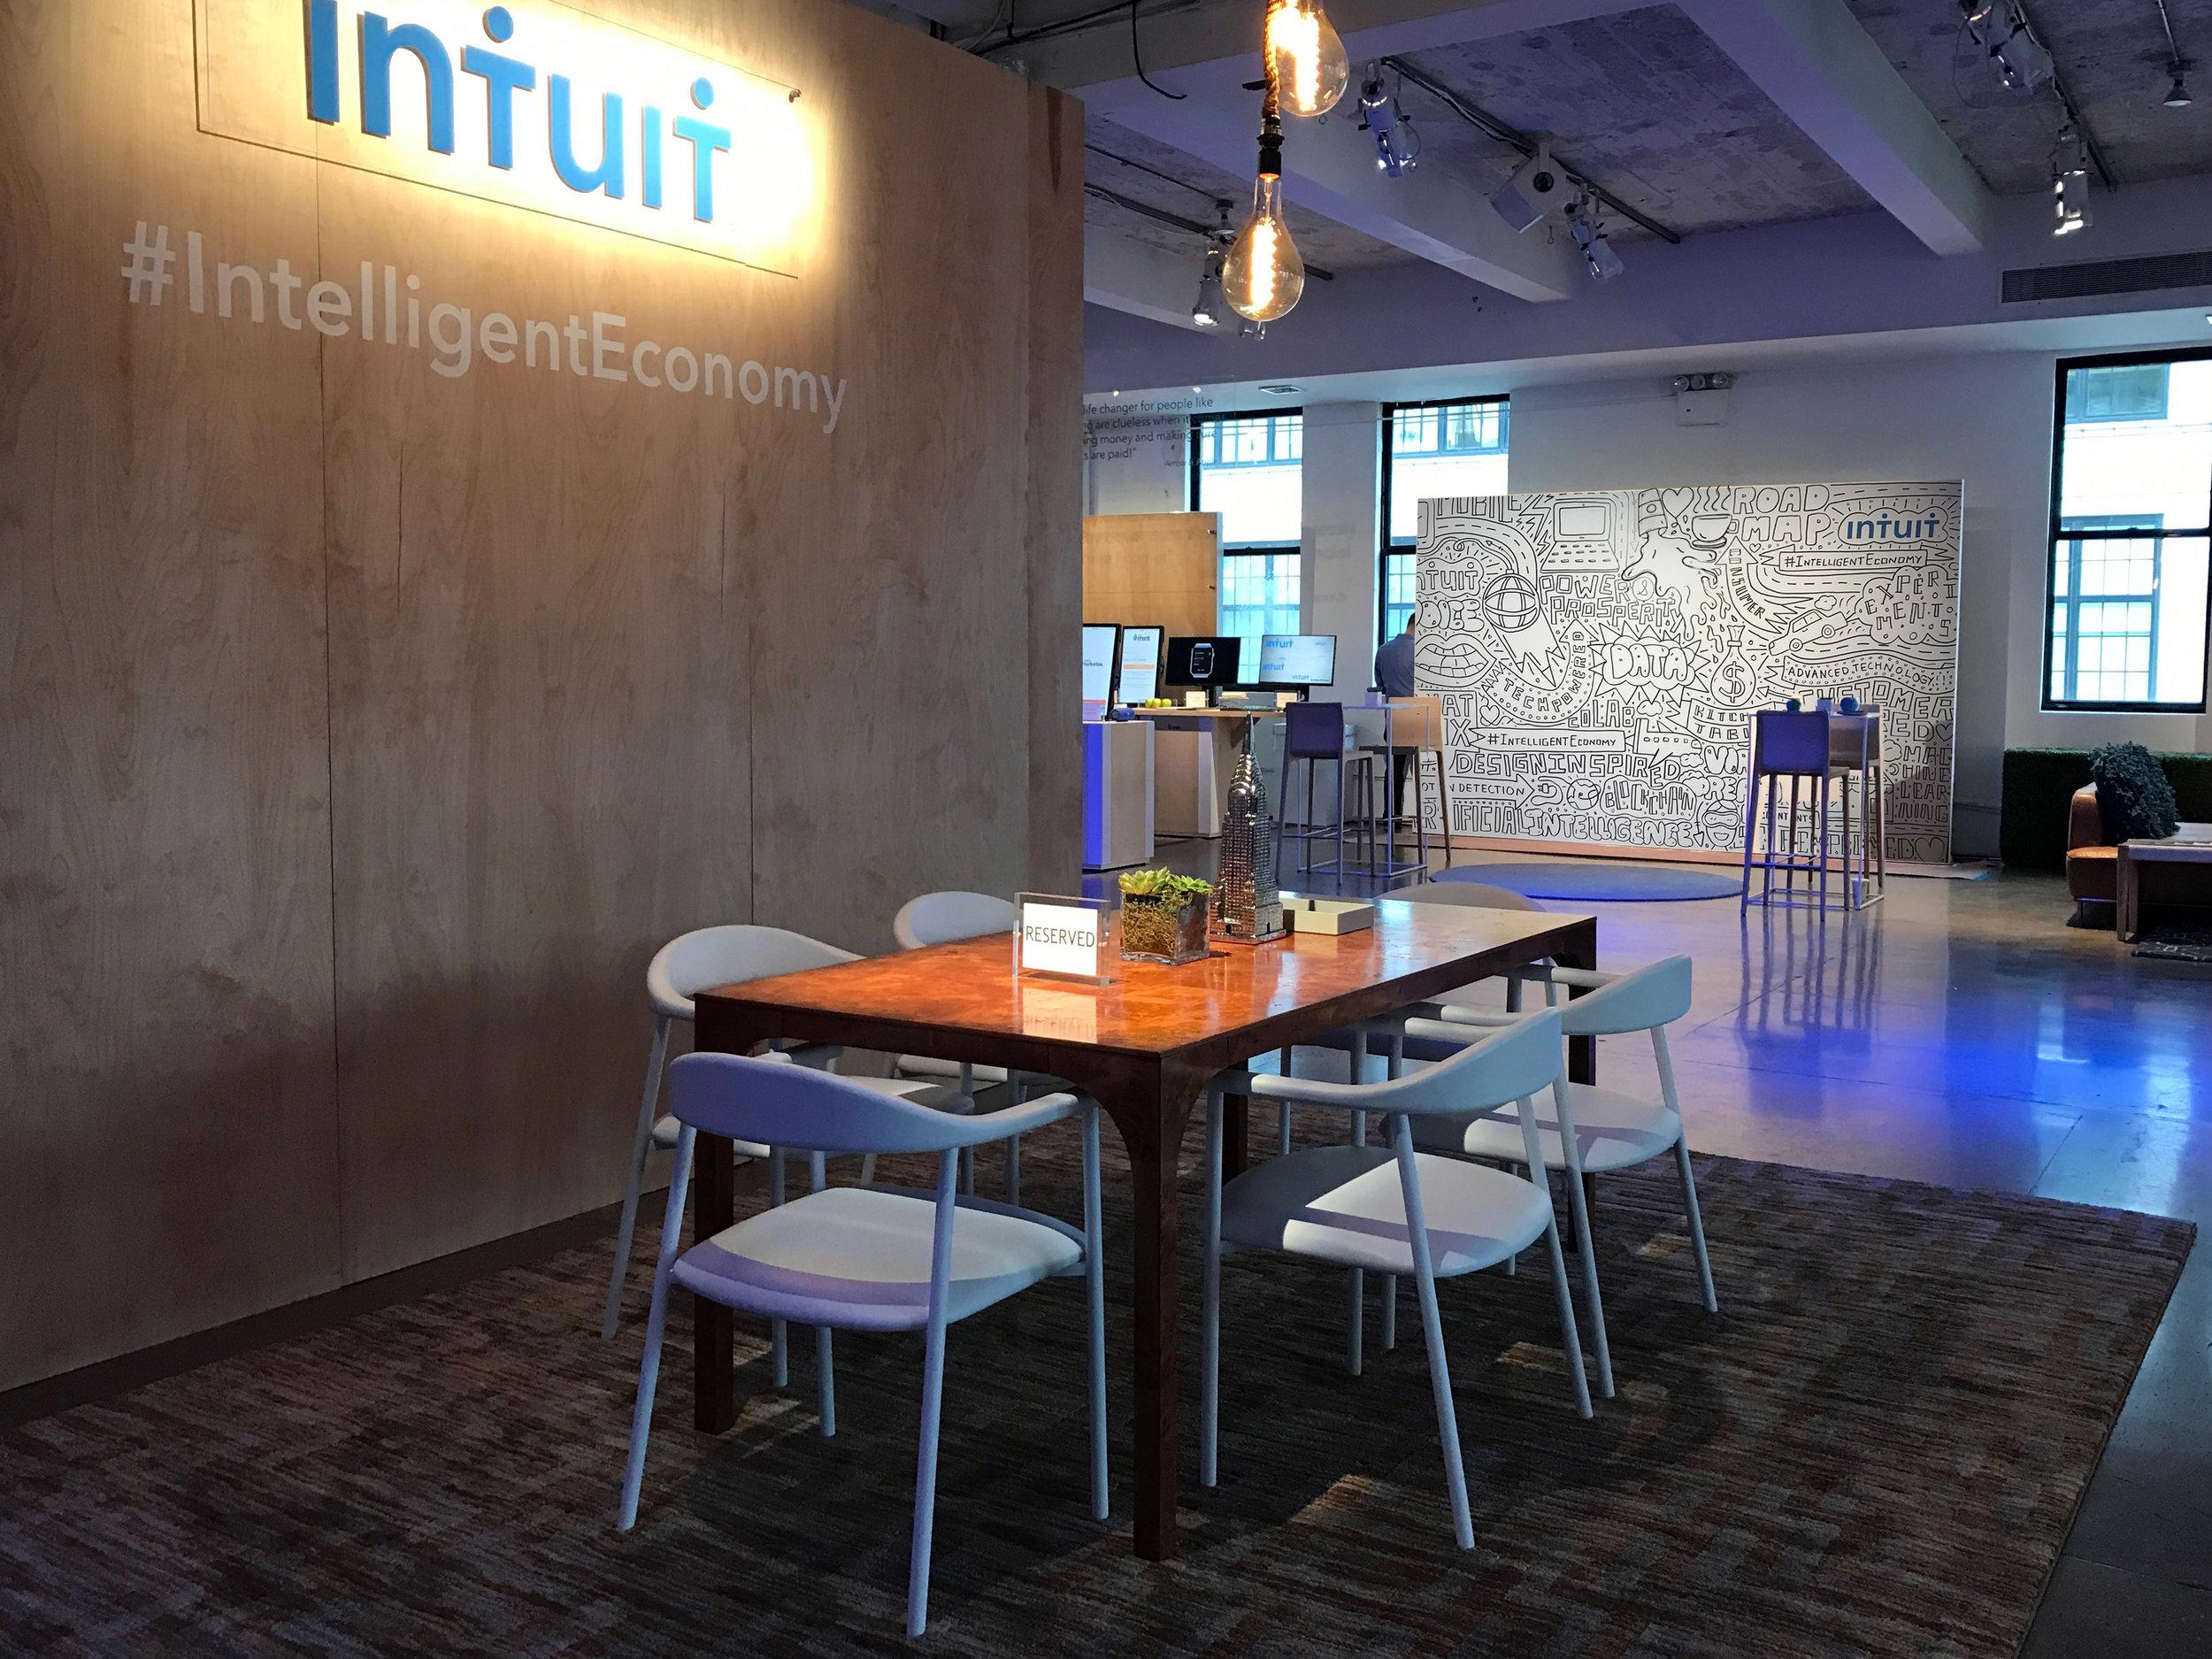 intuit-07.jpg